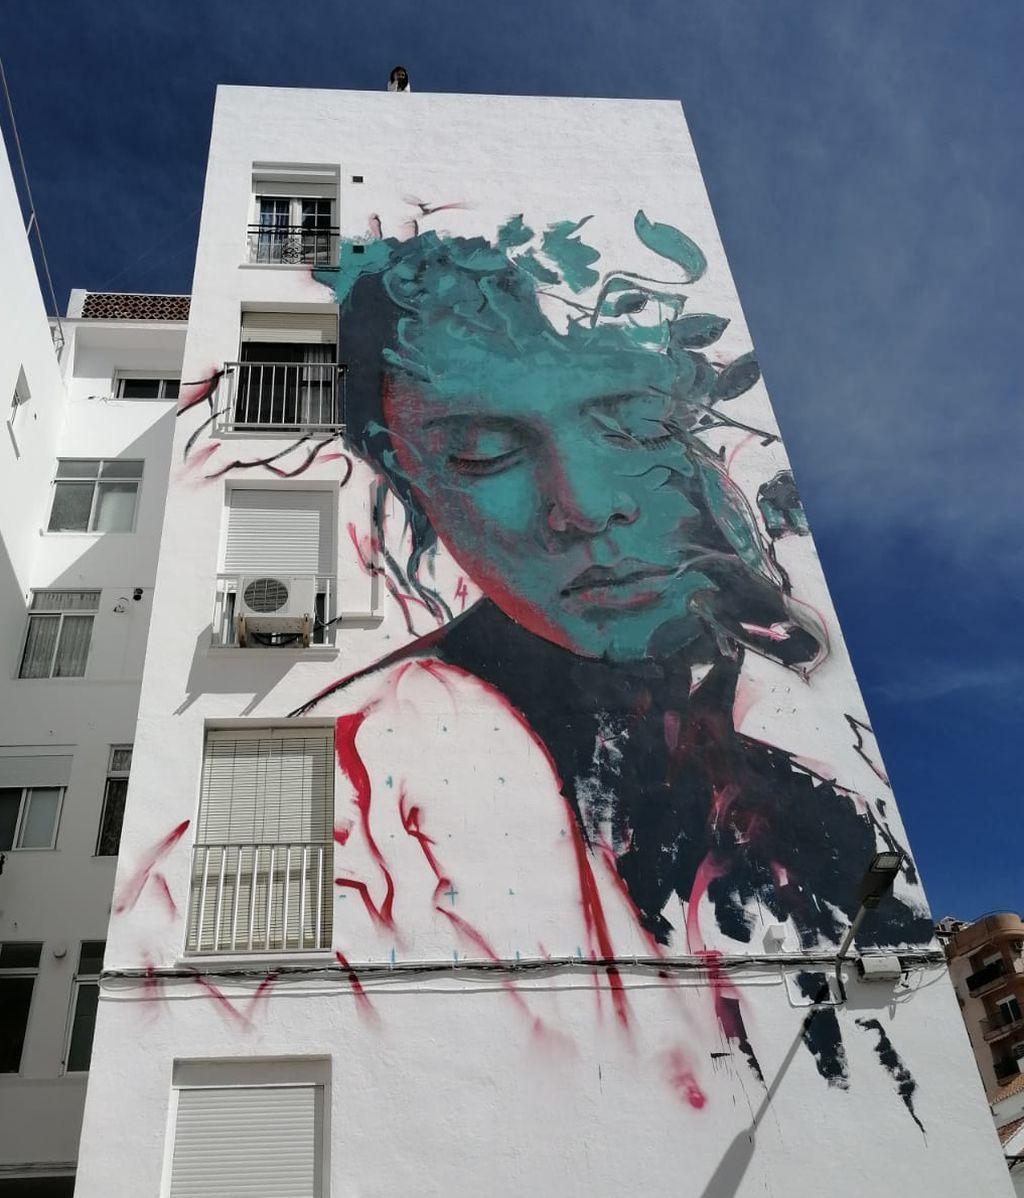 Diez artistas urbanos decoran estos días las fachadas de Estepona de esta guisa.